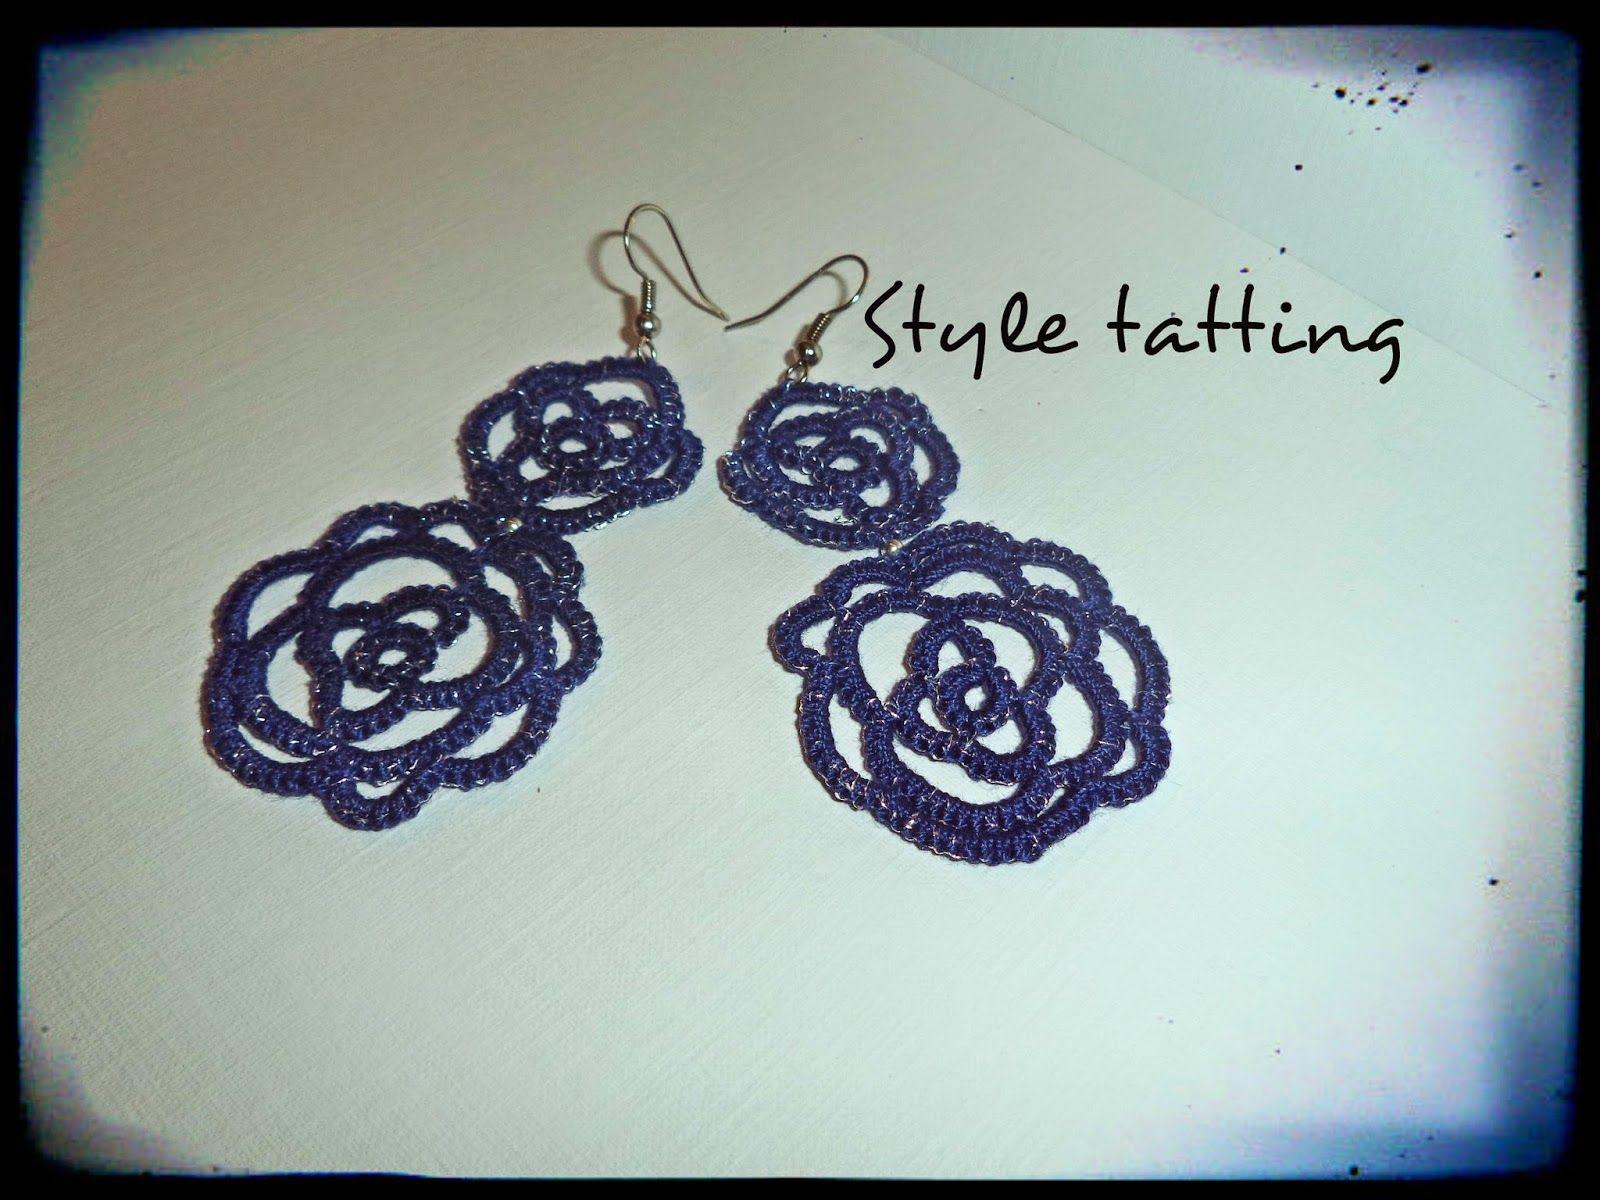 Style tatting: Blue roses